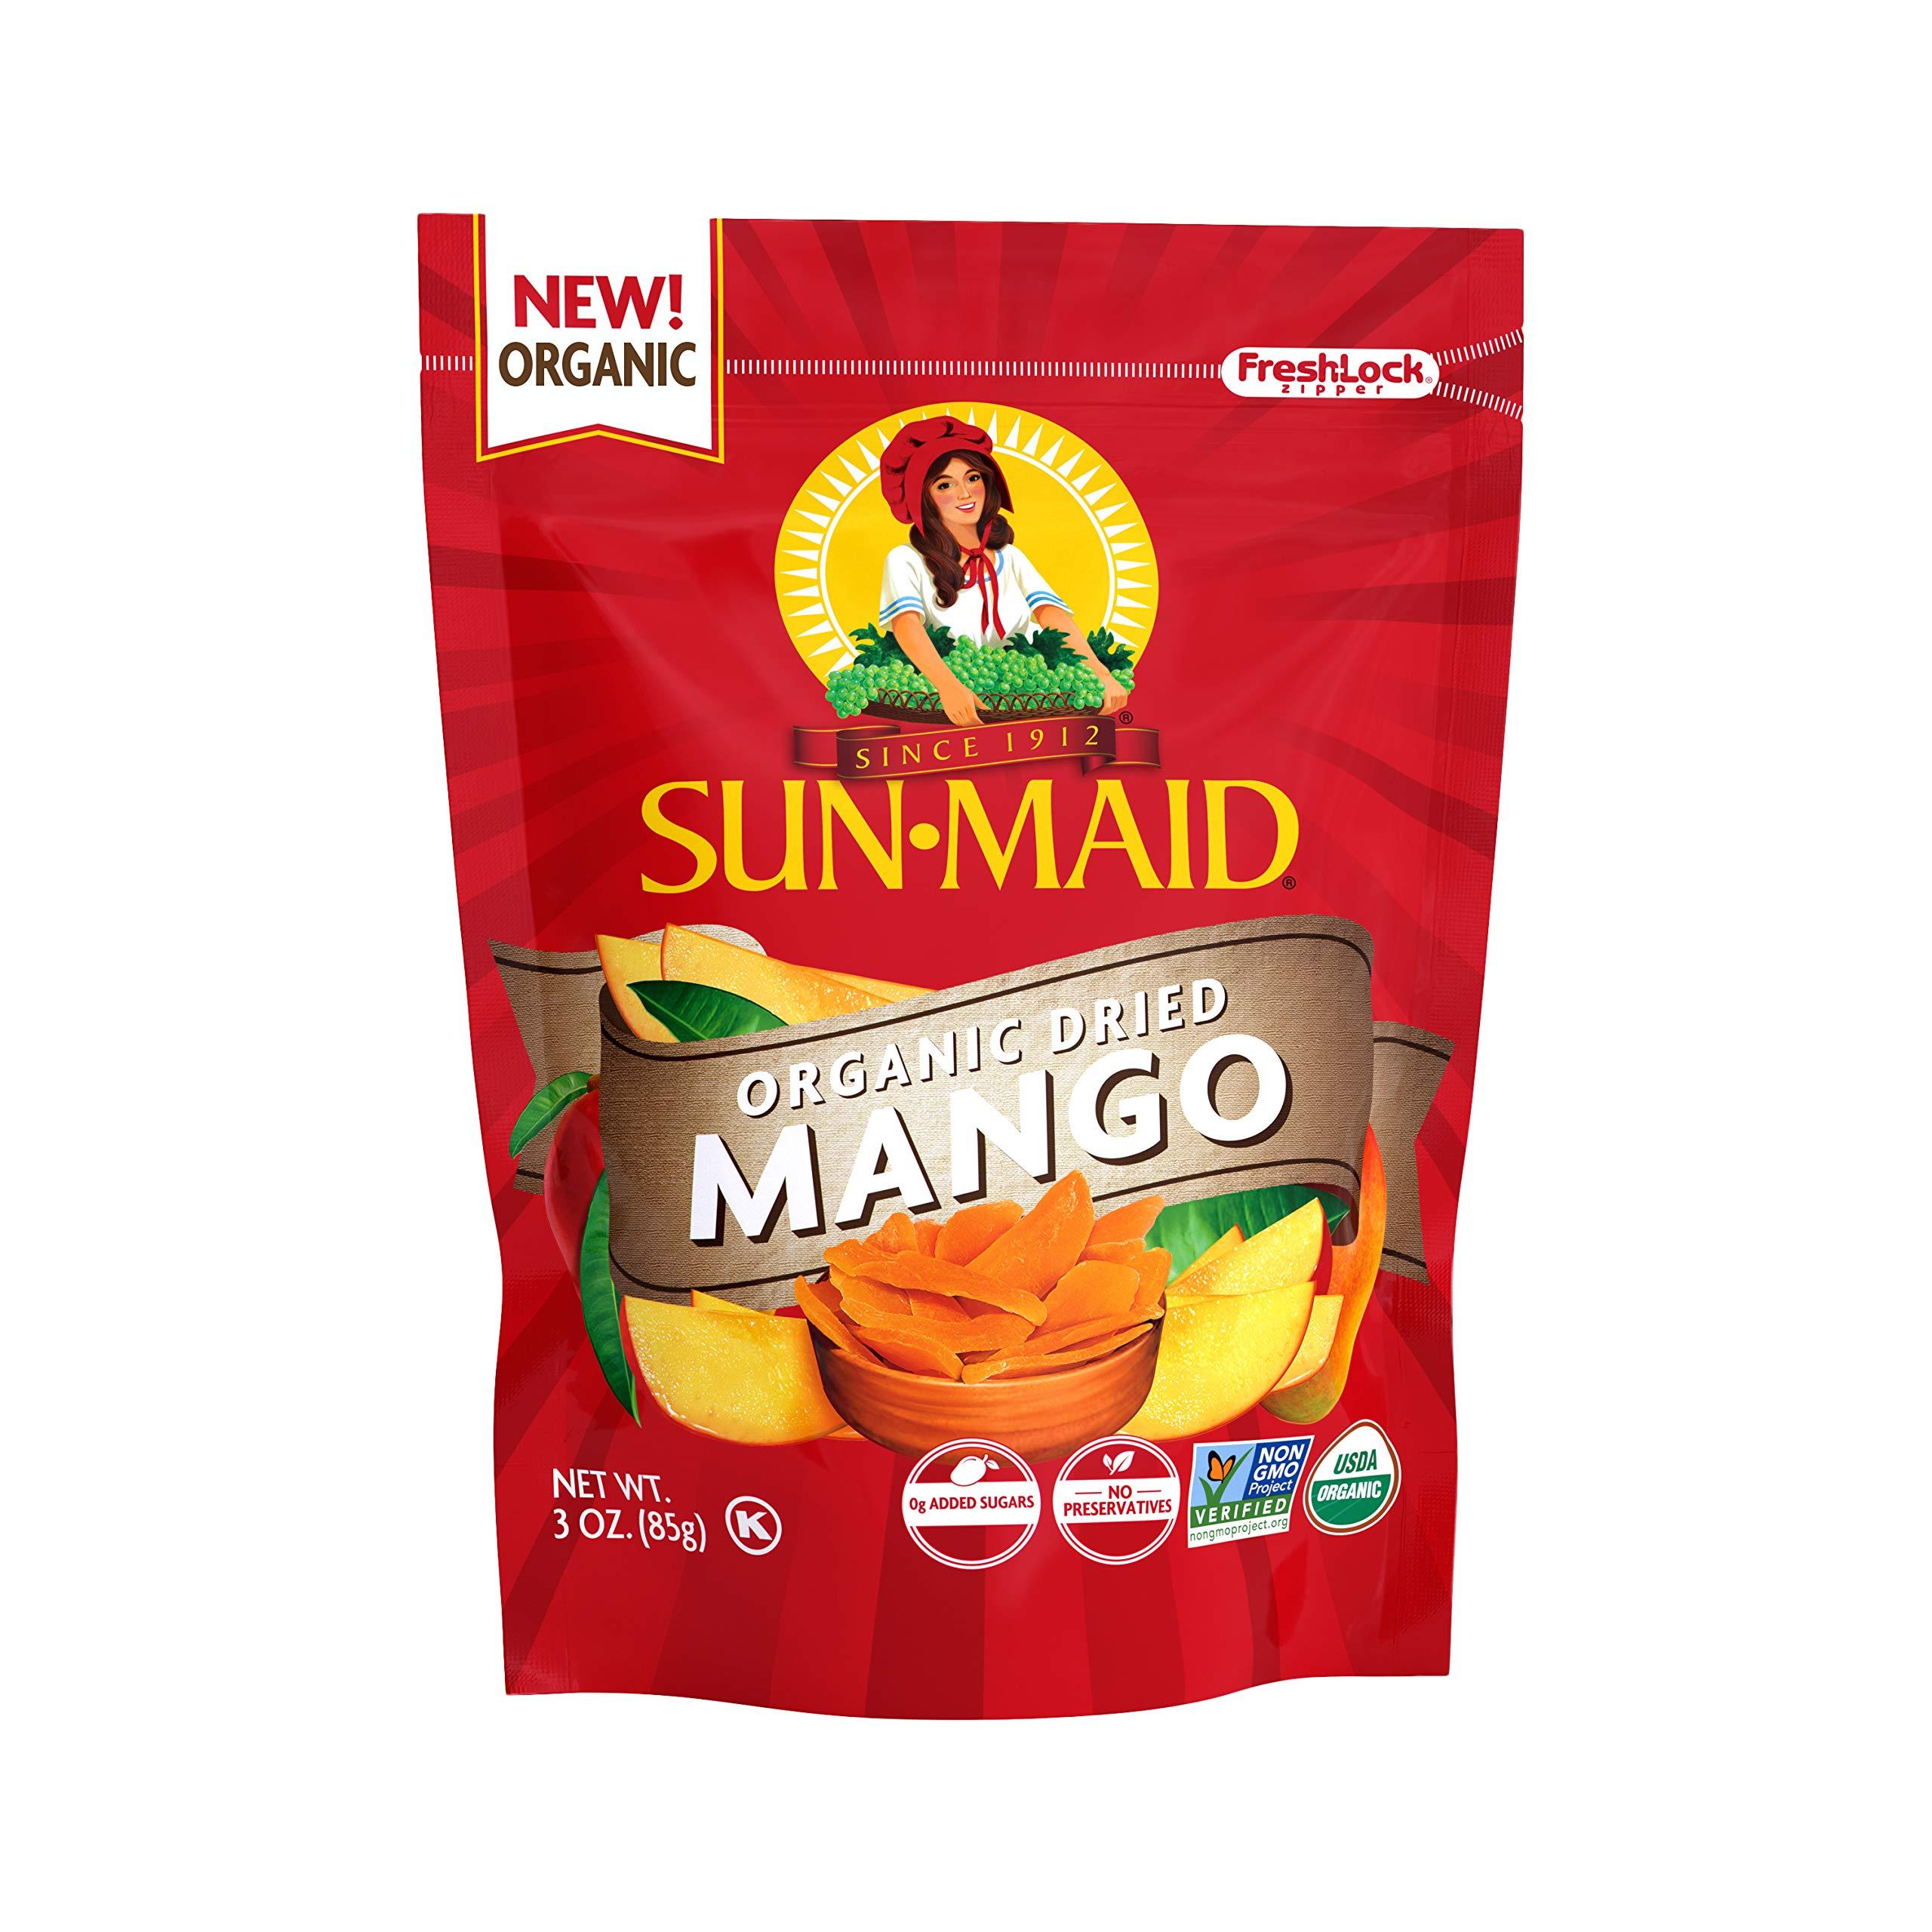 Sun-Maid Sun-Maid Organic Mangos SUP, 3 Ounce (Pack of 12) by SUN-MAID